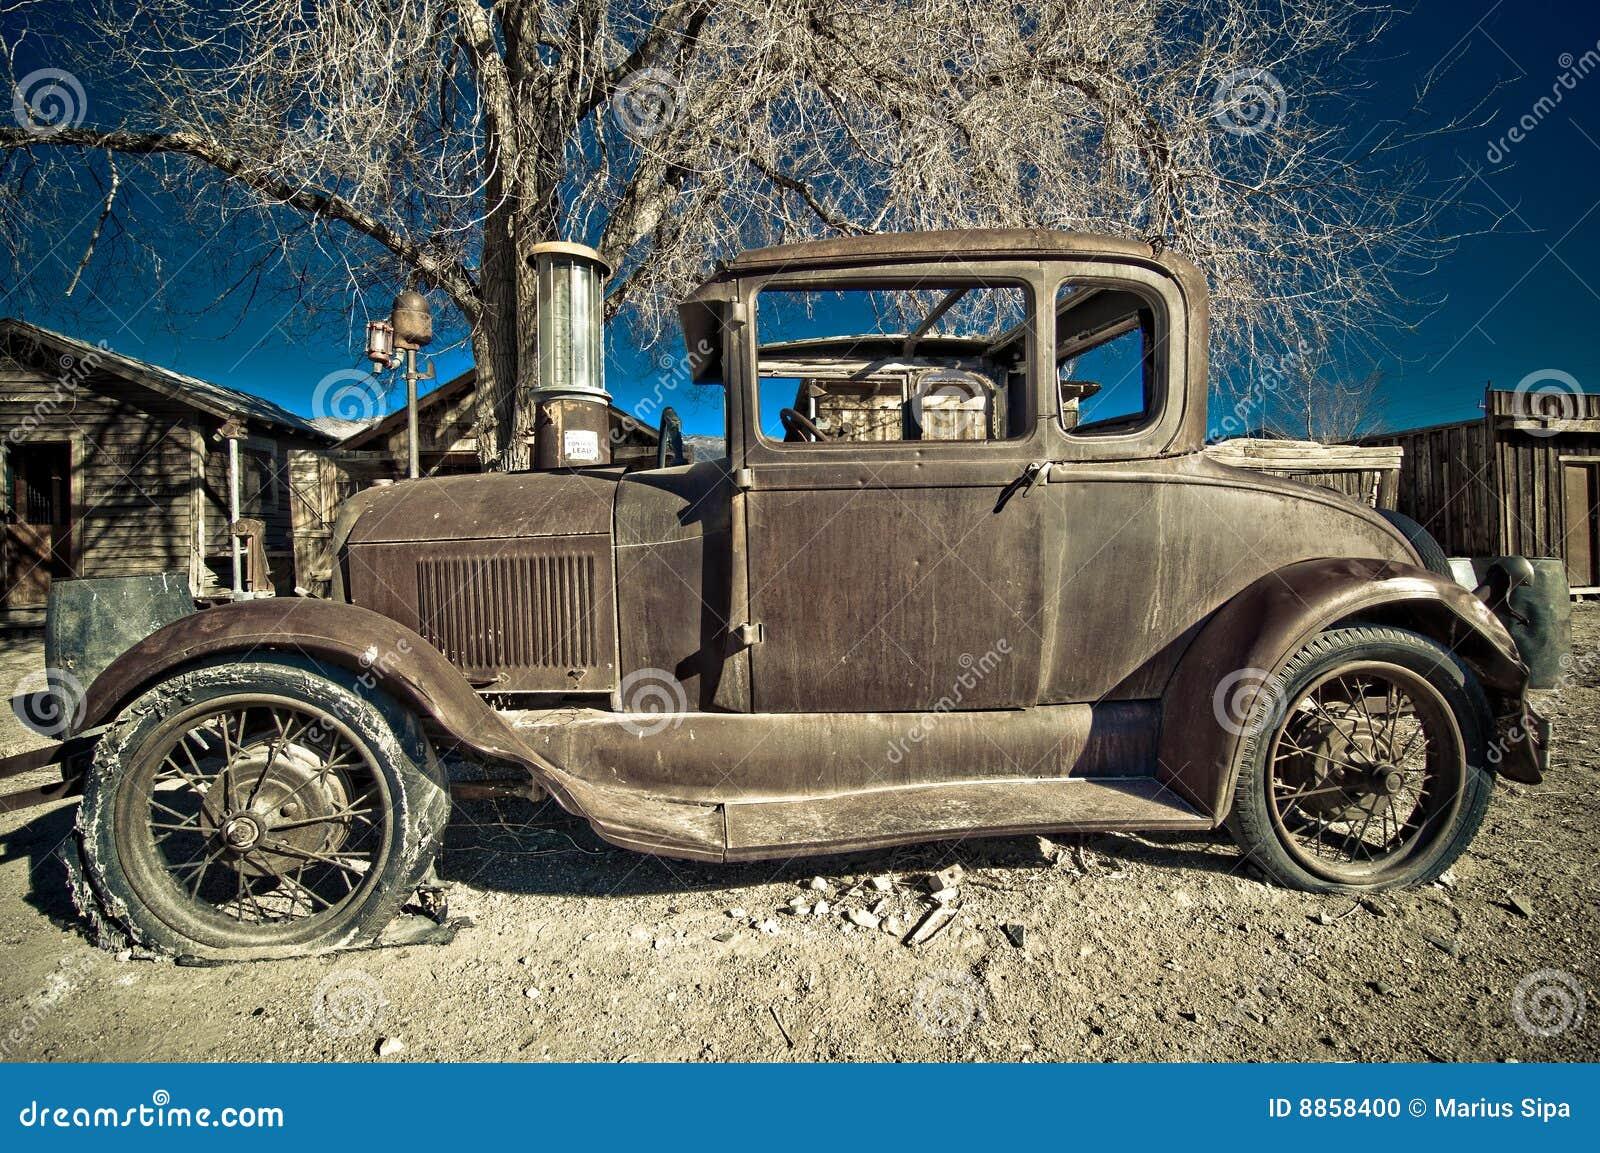 Fahrzeug, zurückgezogen